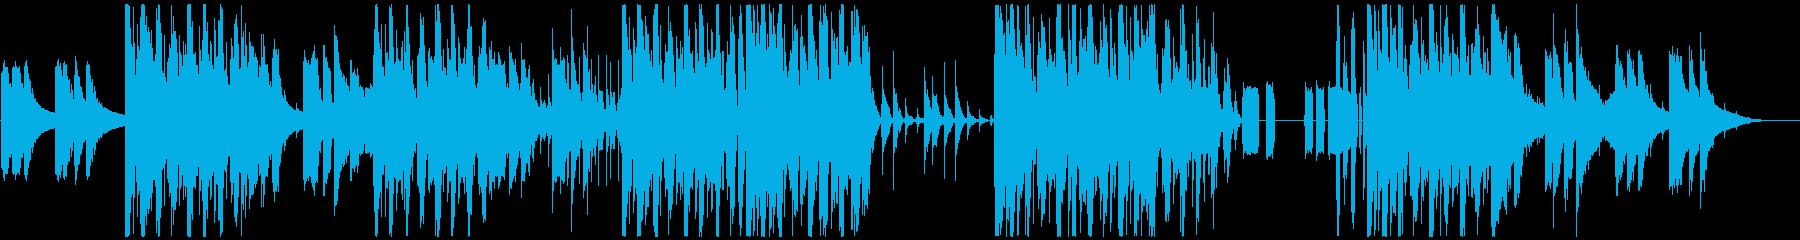 センセーショナル、ダンス系BGMの再生済みの波形